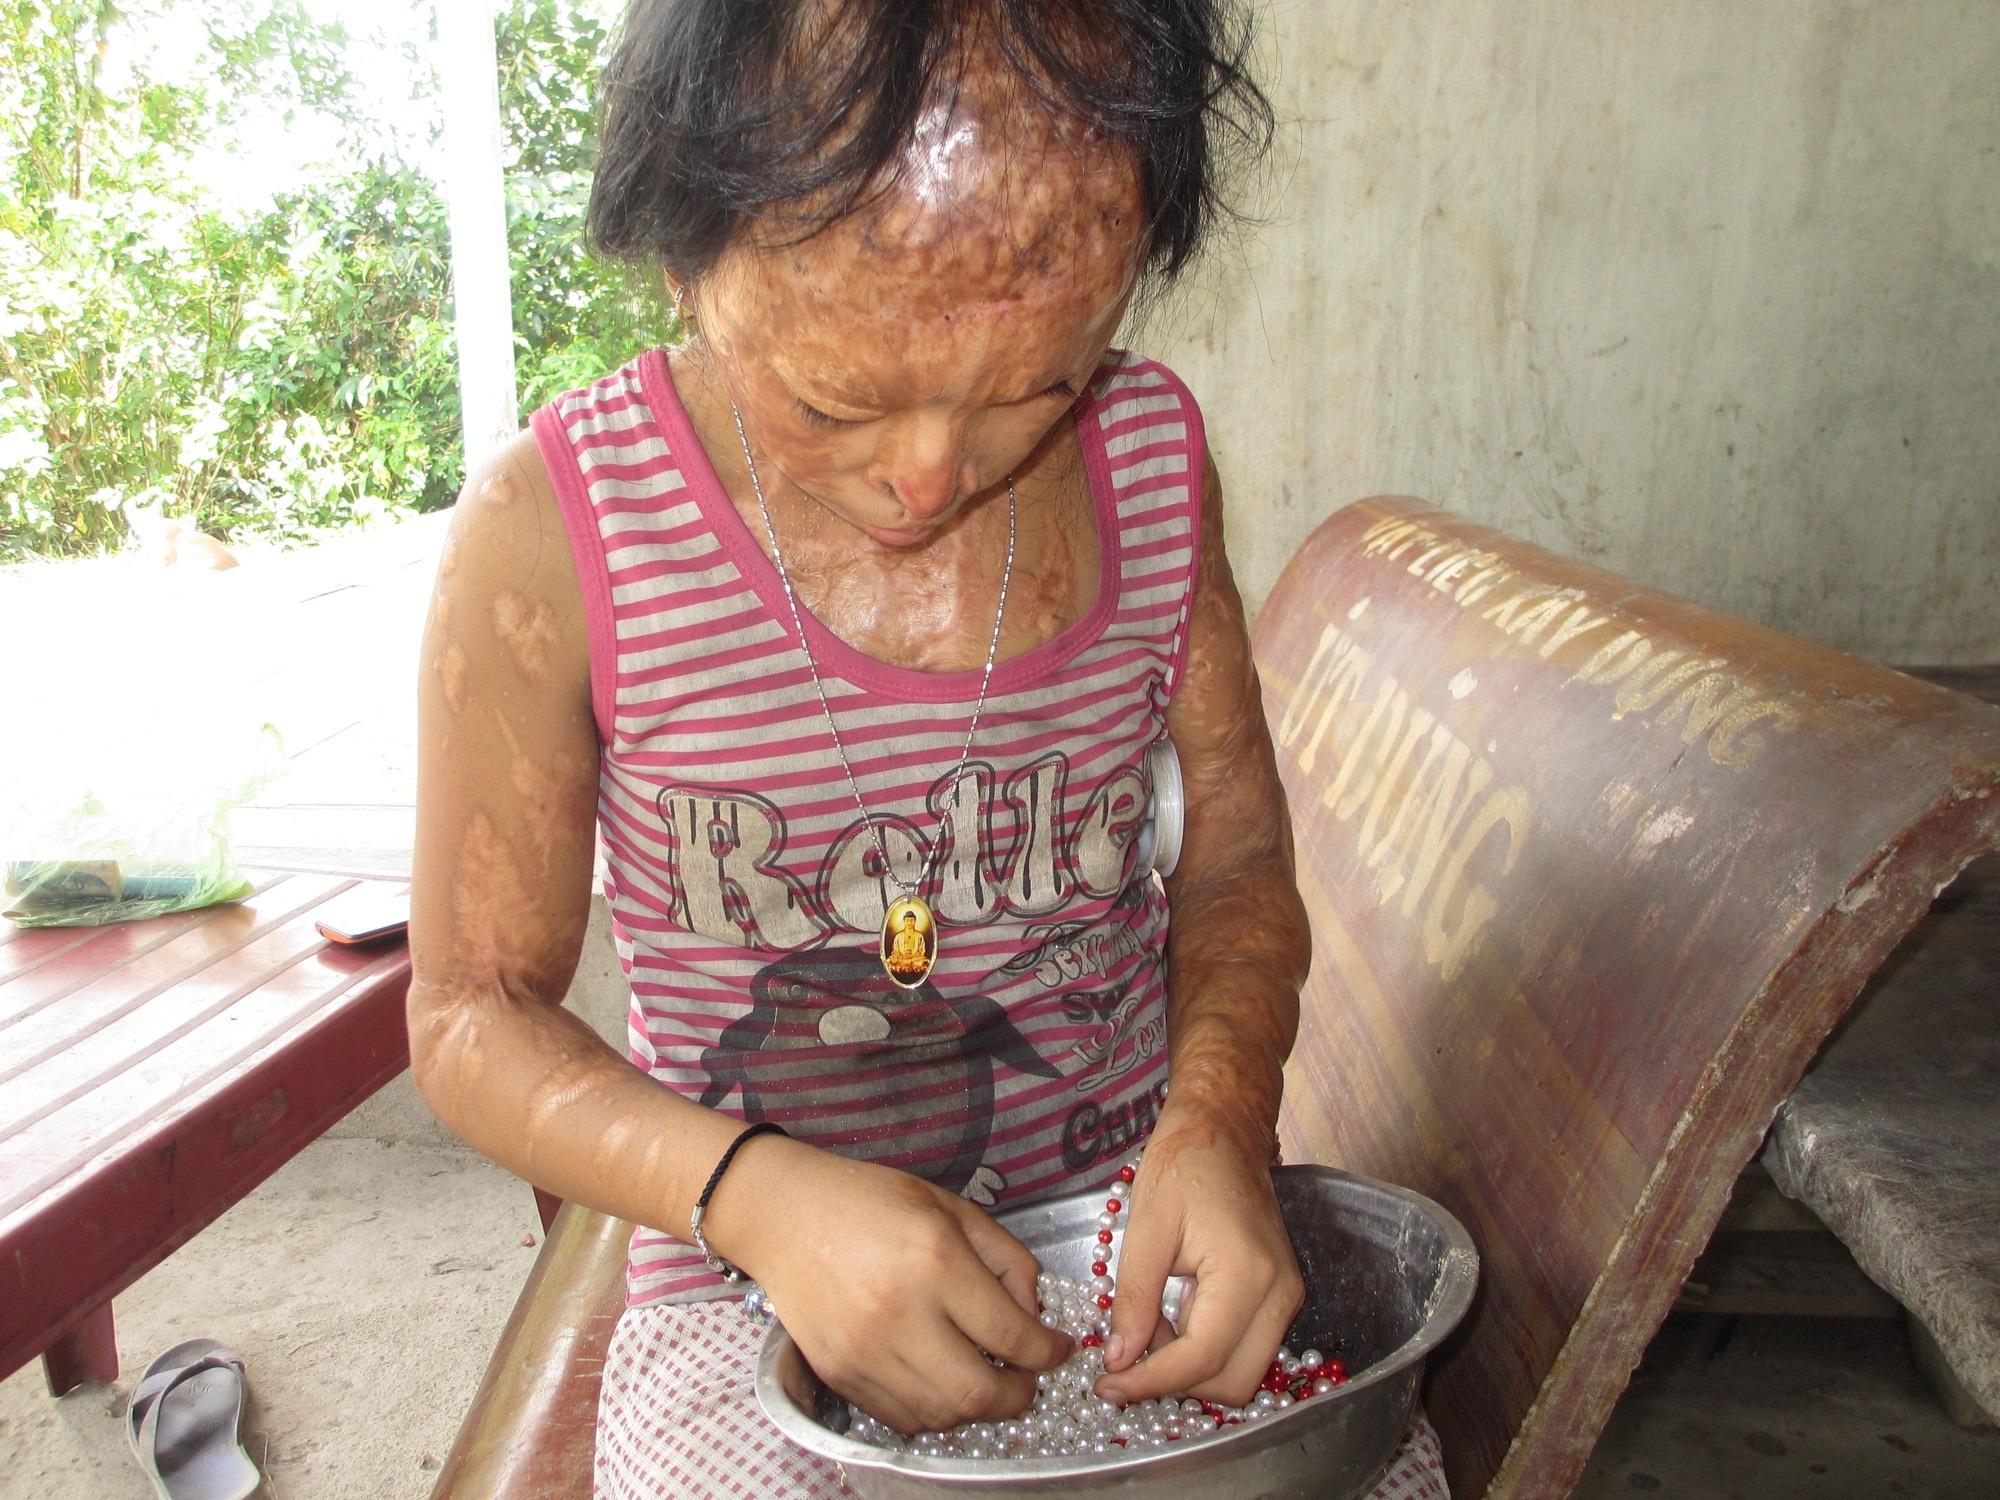 Bà nội bé gái bị tạt axit năm 7 tuổi vì mẹ 'giật chồng' người khác: Tôi muốn xin đôi mắt của tử tù Nguyễn Hữu Tình để cứu cháu - Ảnh 2